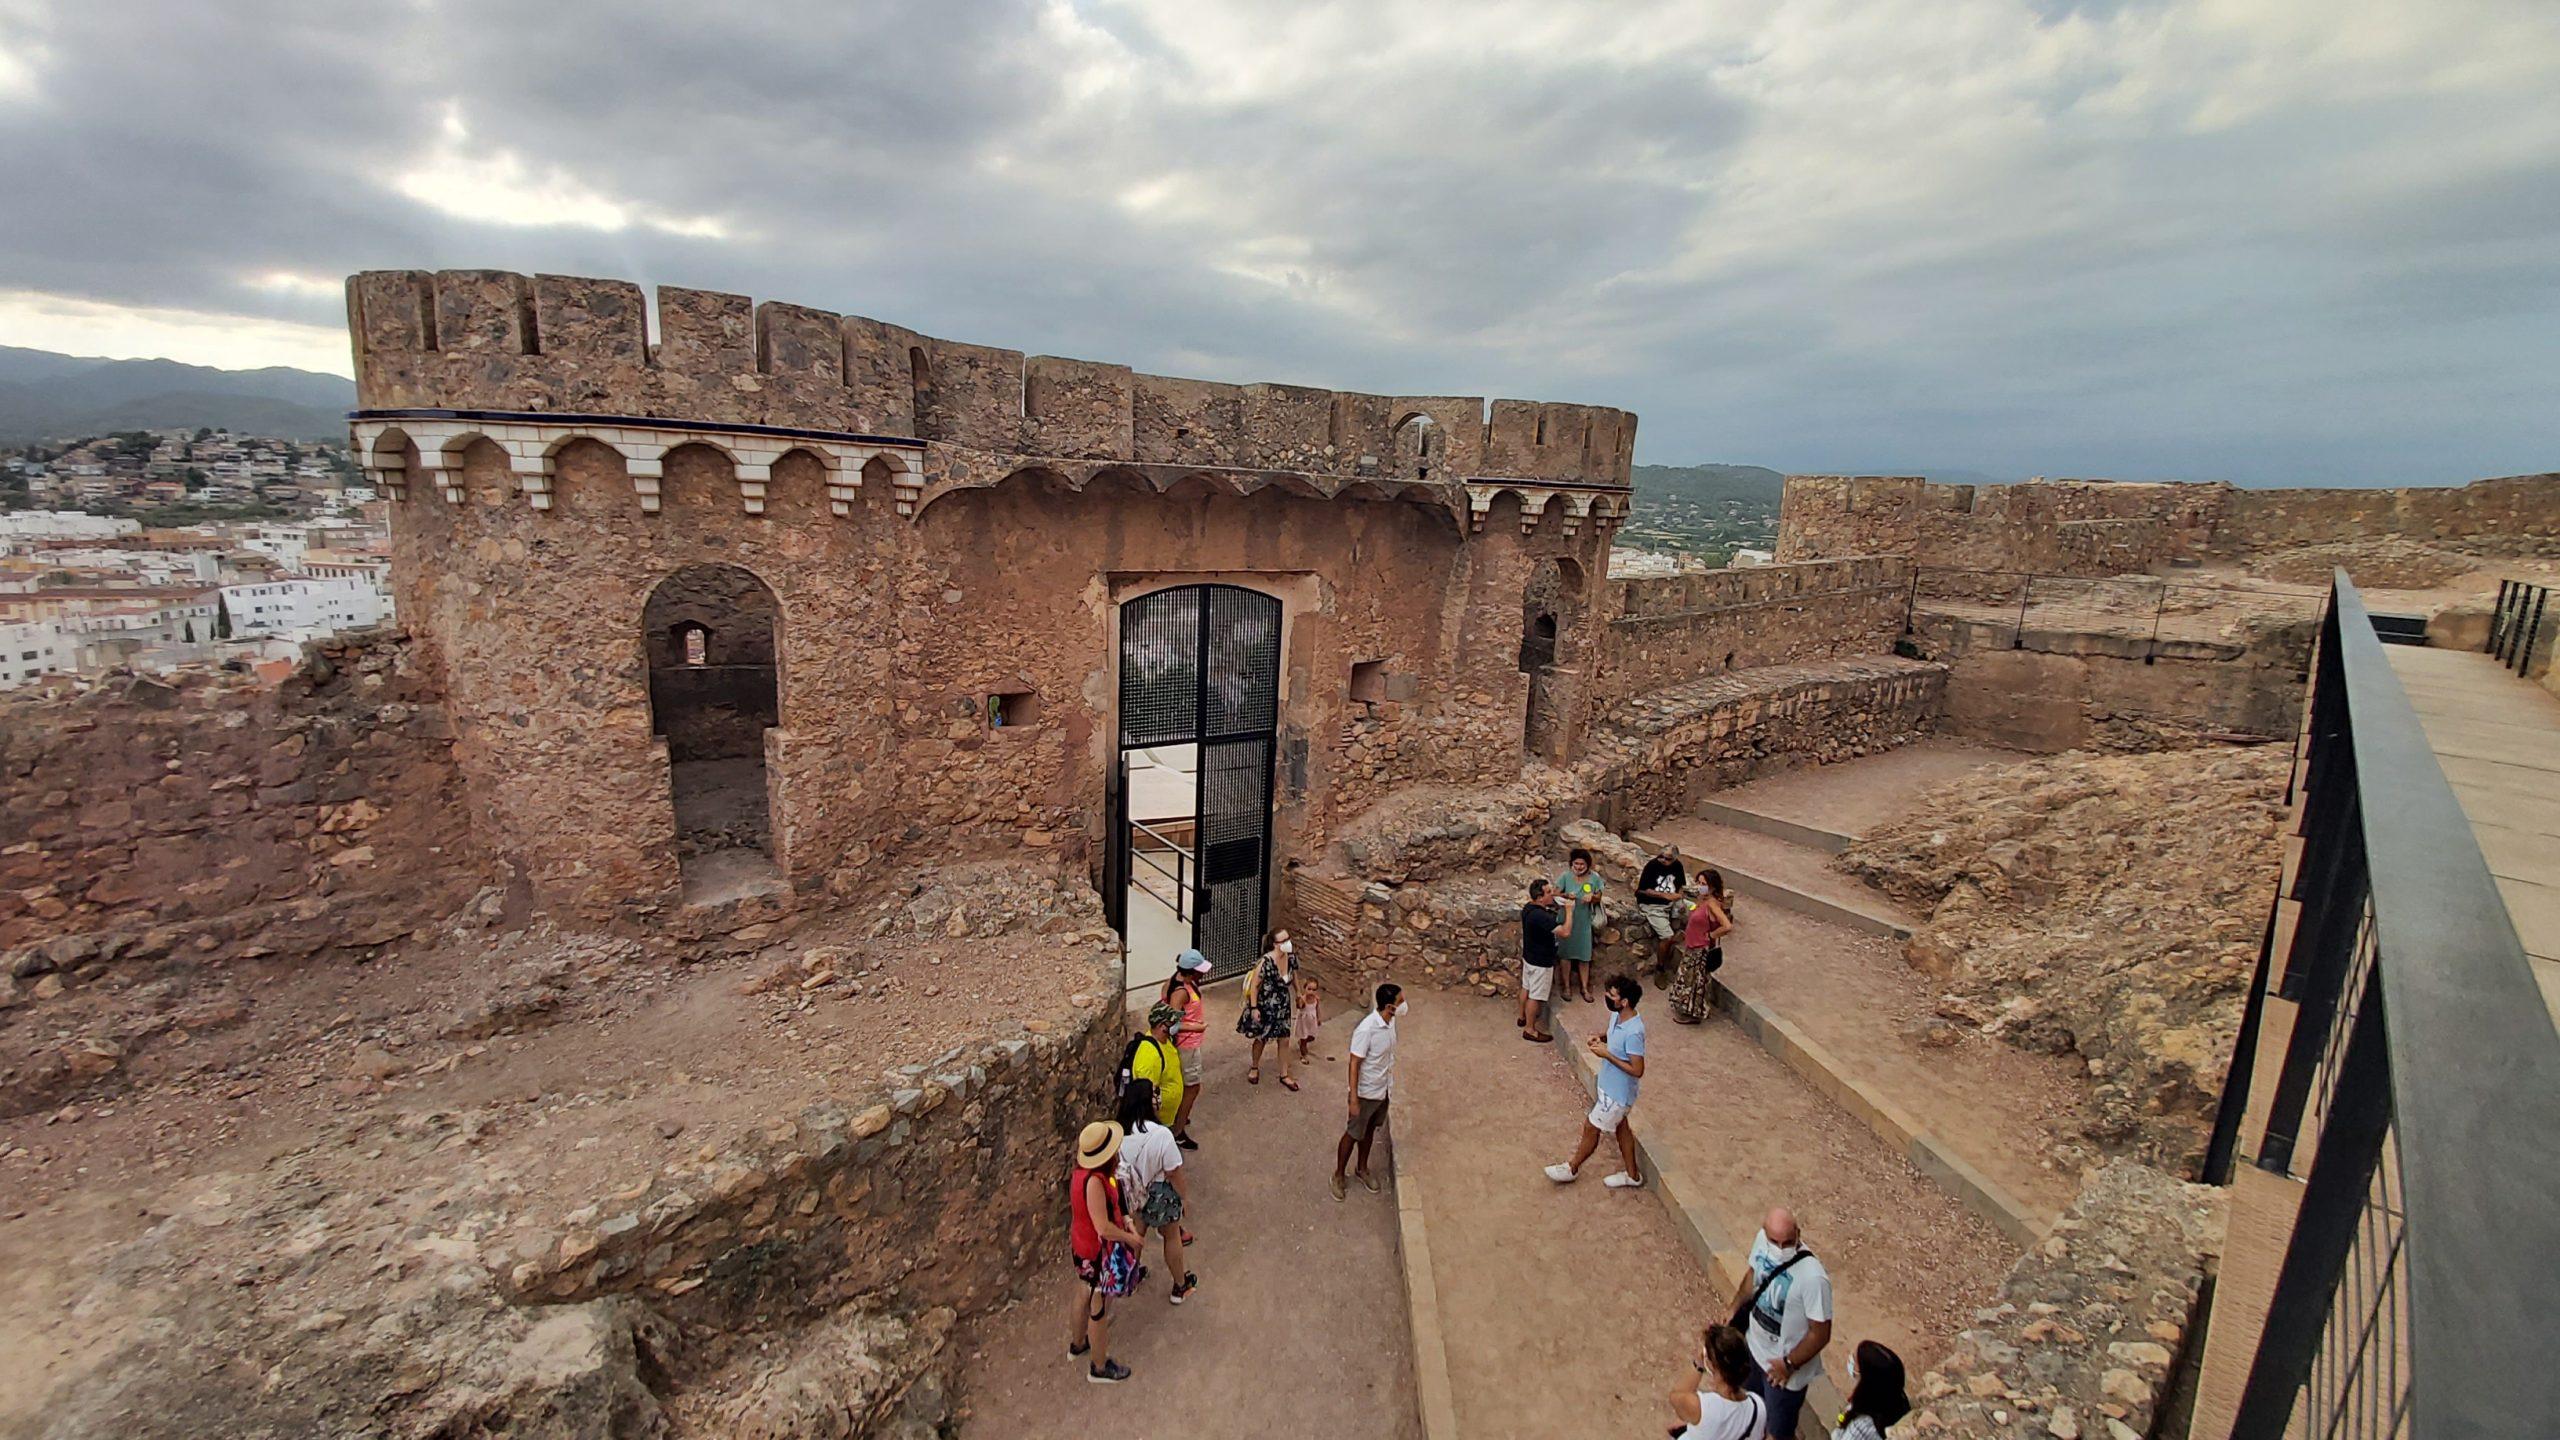 Onda supera en agosto los visitantes al castillo respecto 2019 gracias al turismo de proximidad